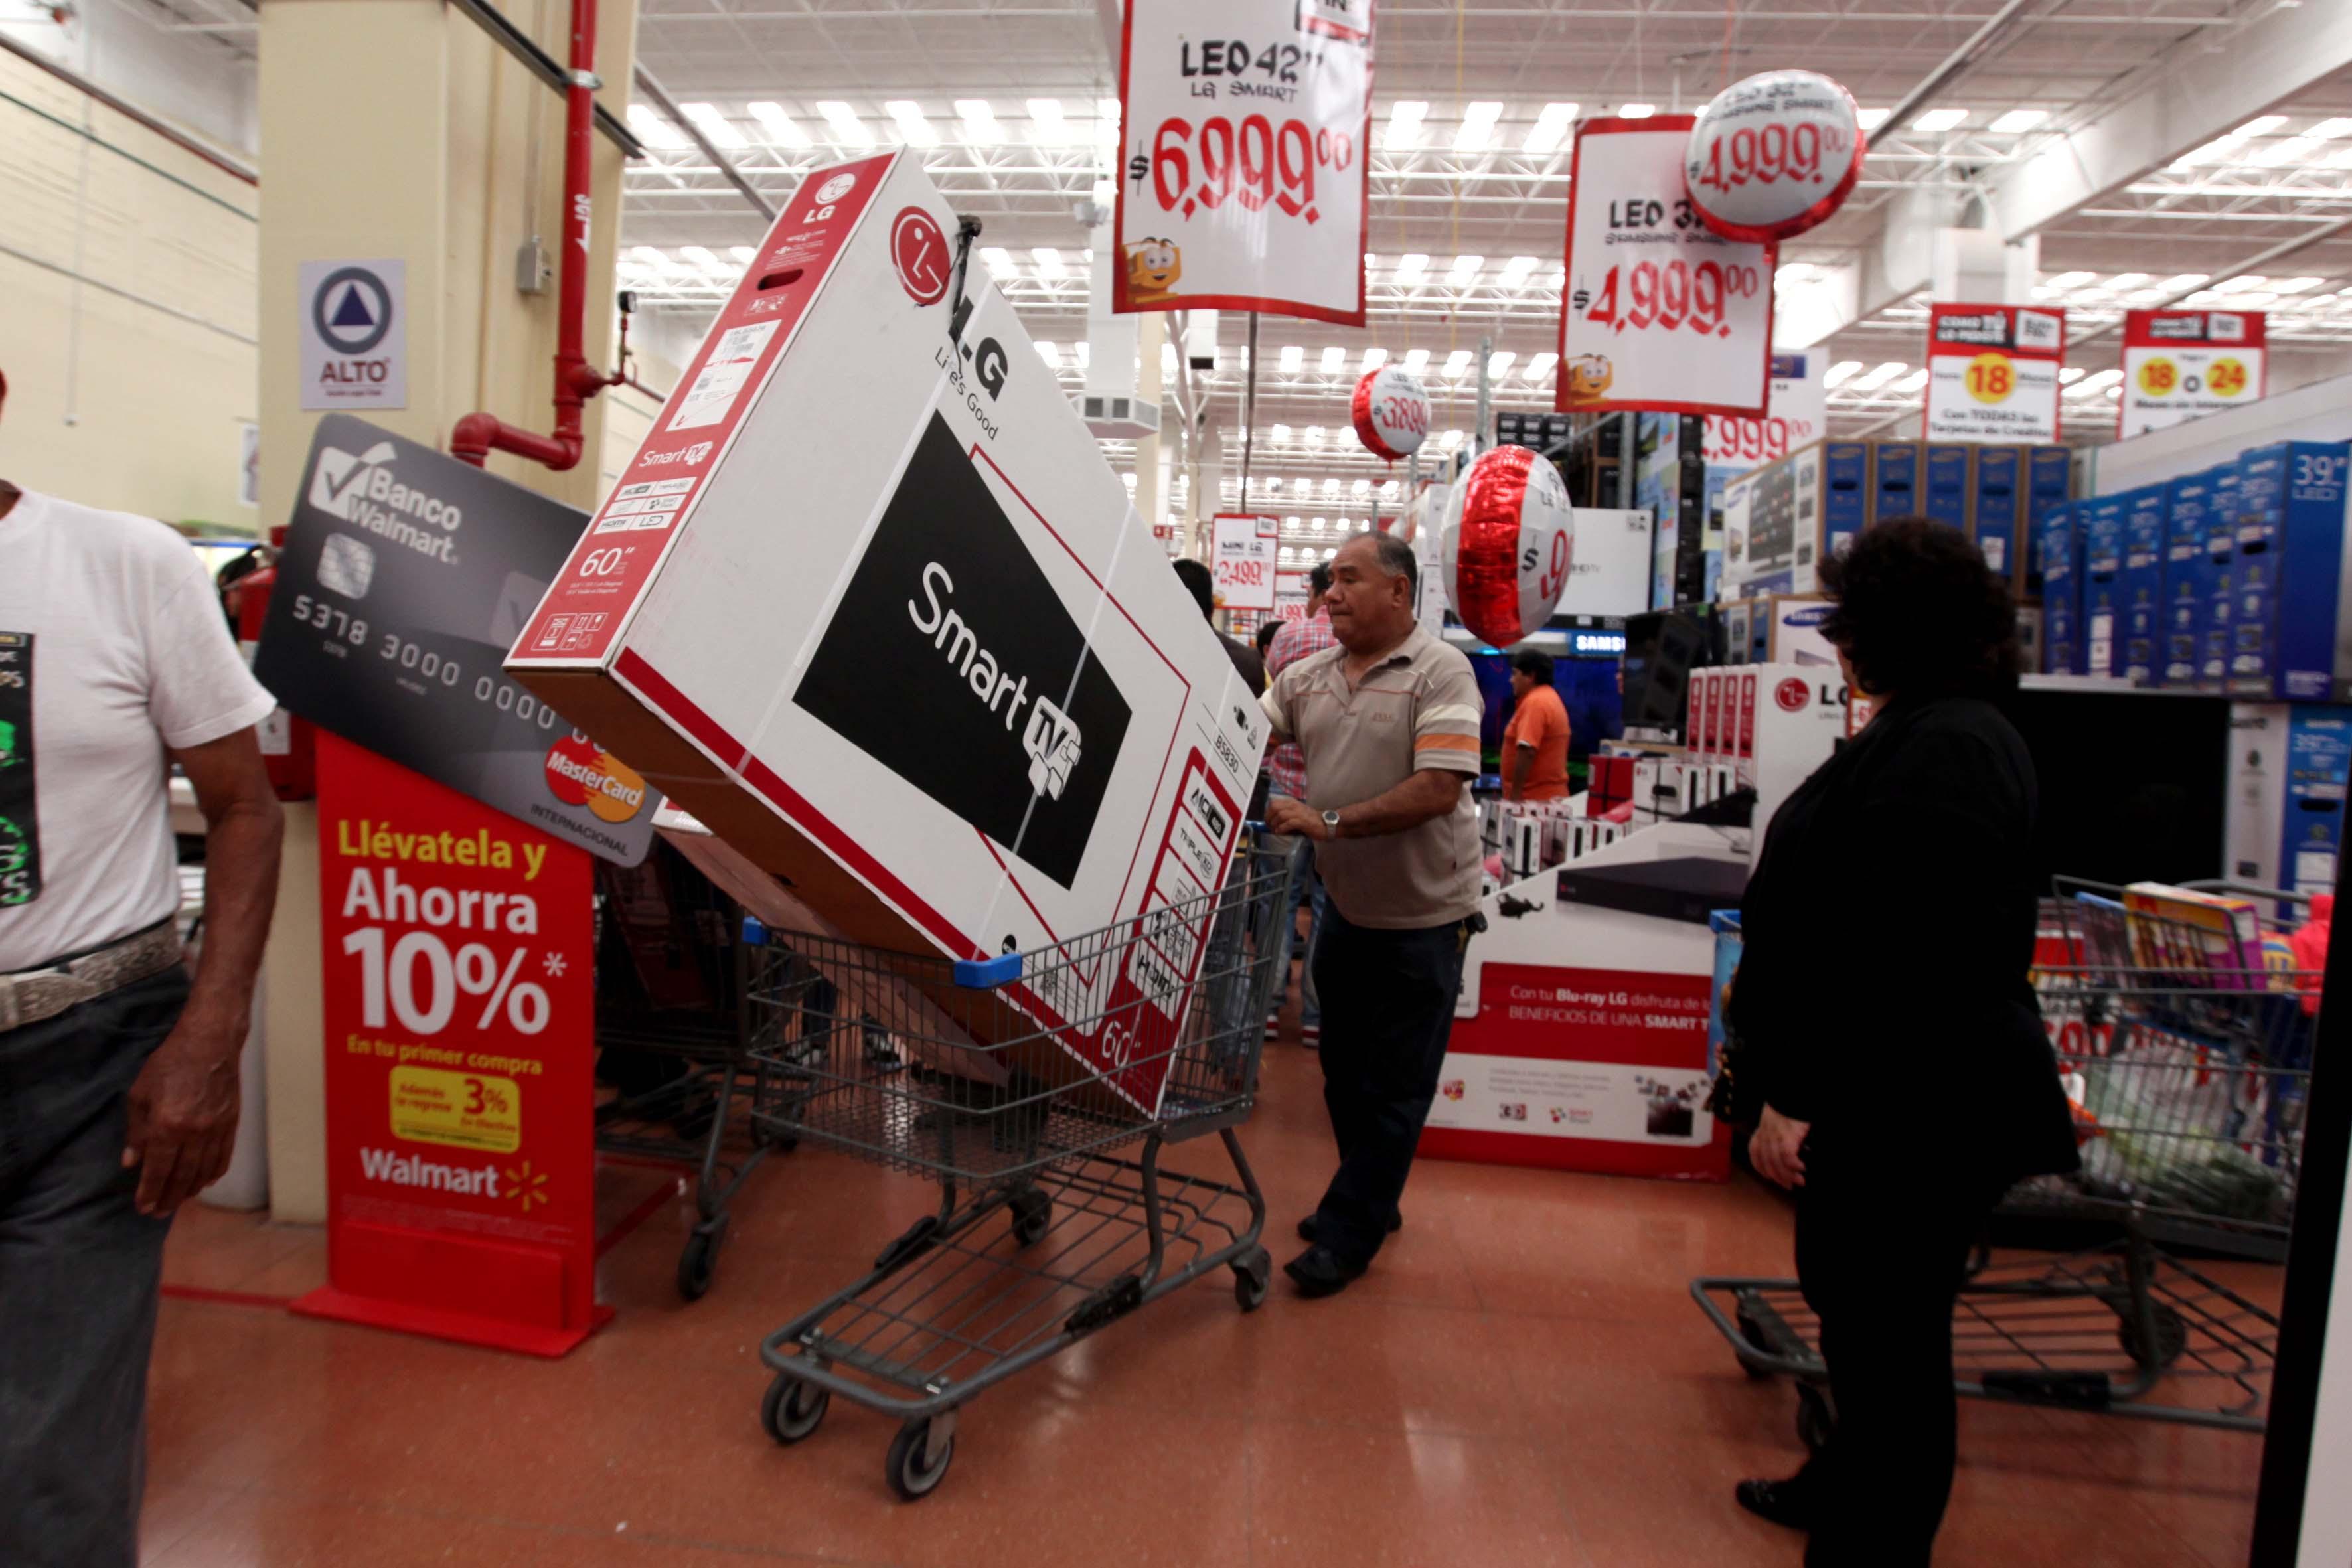 'El Buen Fin' enfrentará un dólar caro y consumo moderado